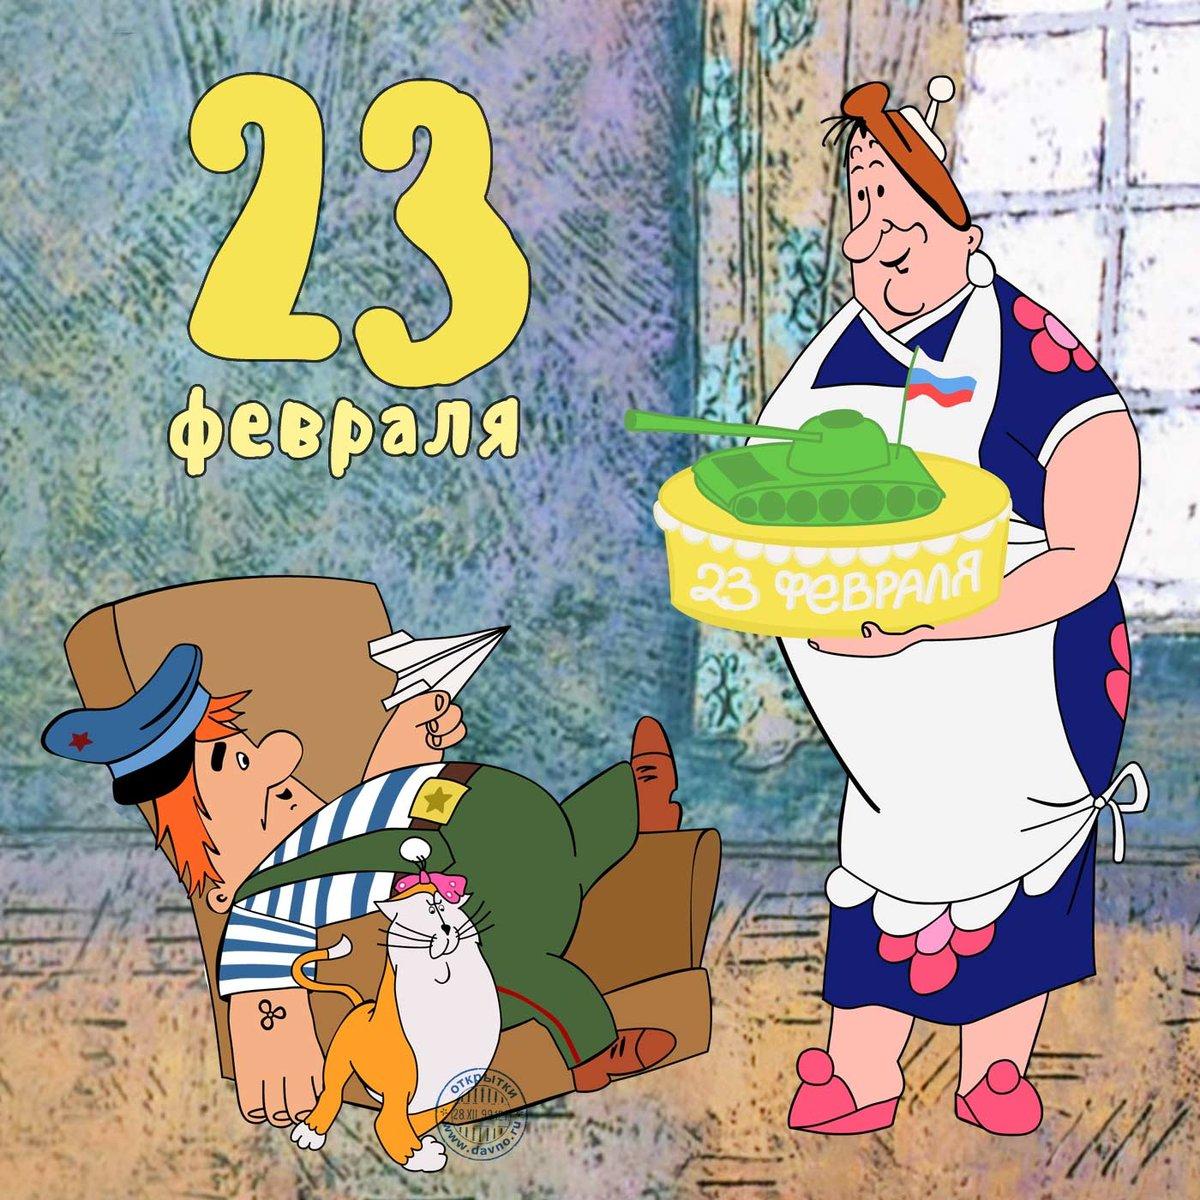 ❶Прикольные фото к 23 февраля|Поздравления с 23 февраля анимации|Смешные демотиваторы с днем рождения | Удалить | Pinterest | Happy birthday, Birthday and Happy|Картинки выздоравливай GIF|}